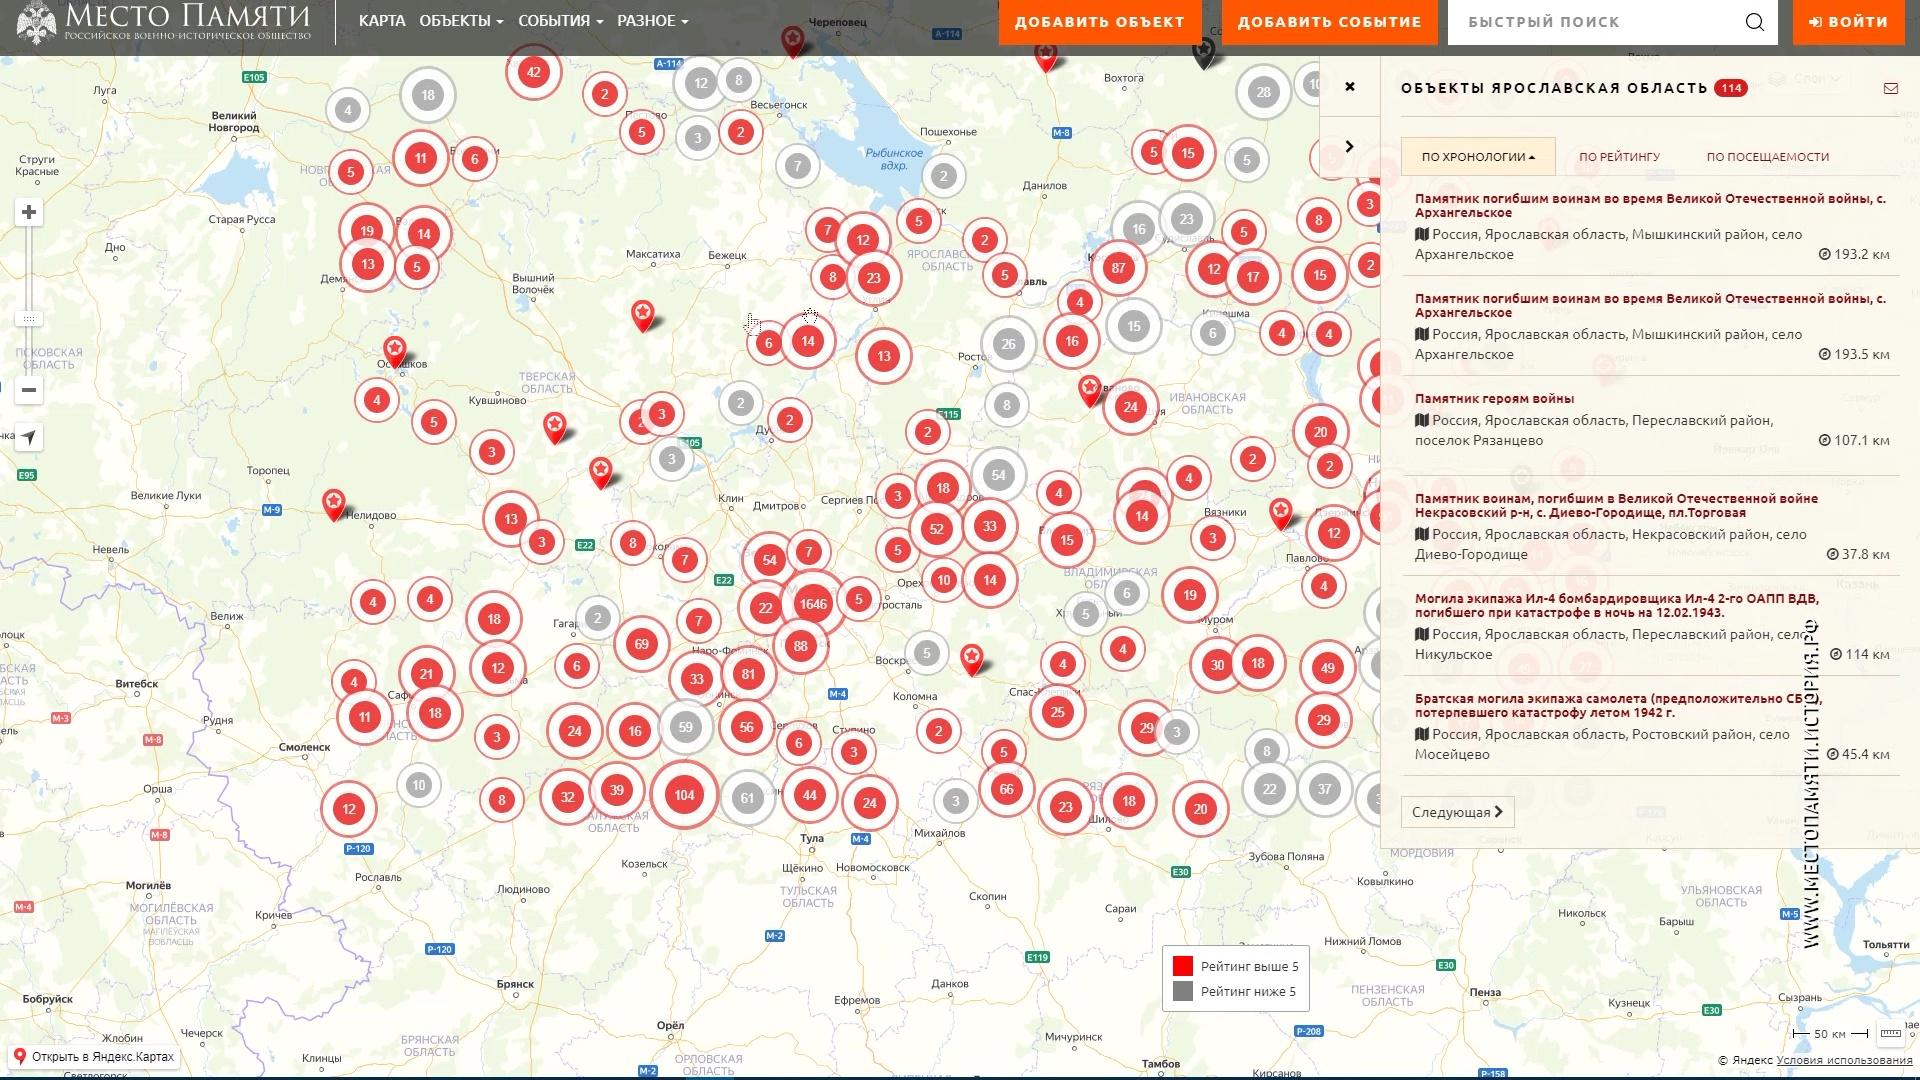 114 ярославских военных мемориалов попали во всероссийский проект «Место памяти»